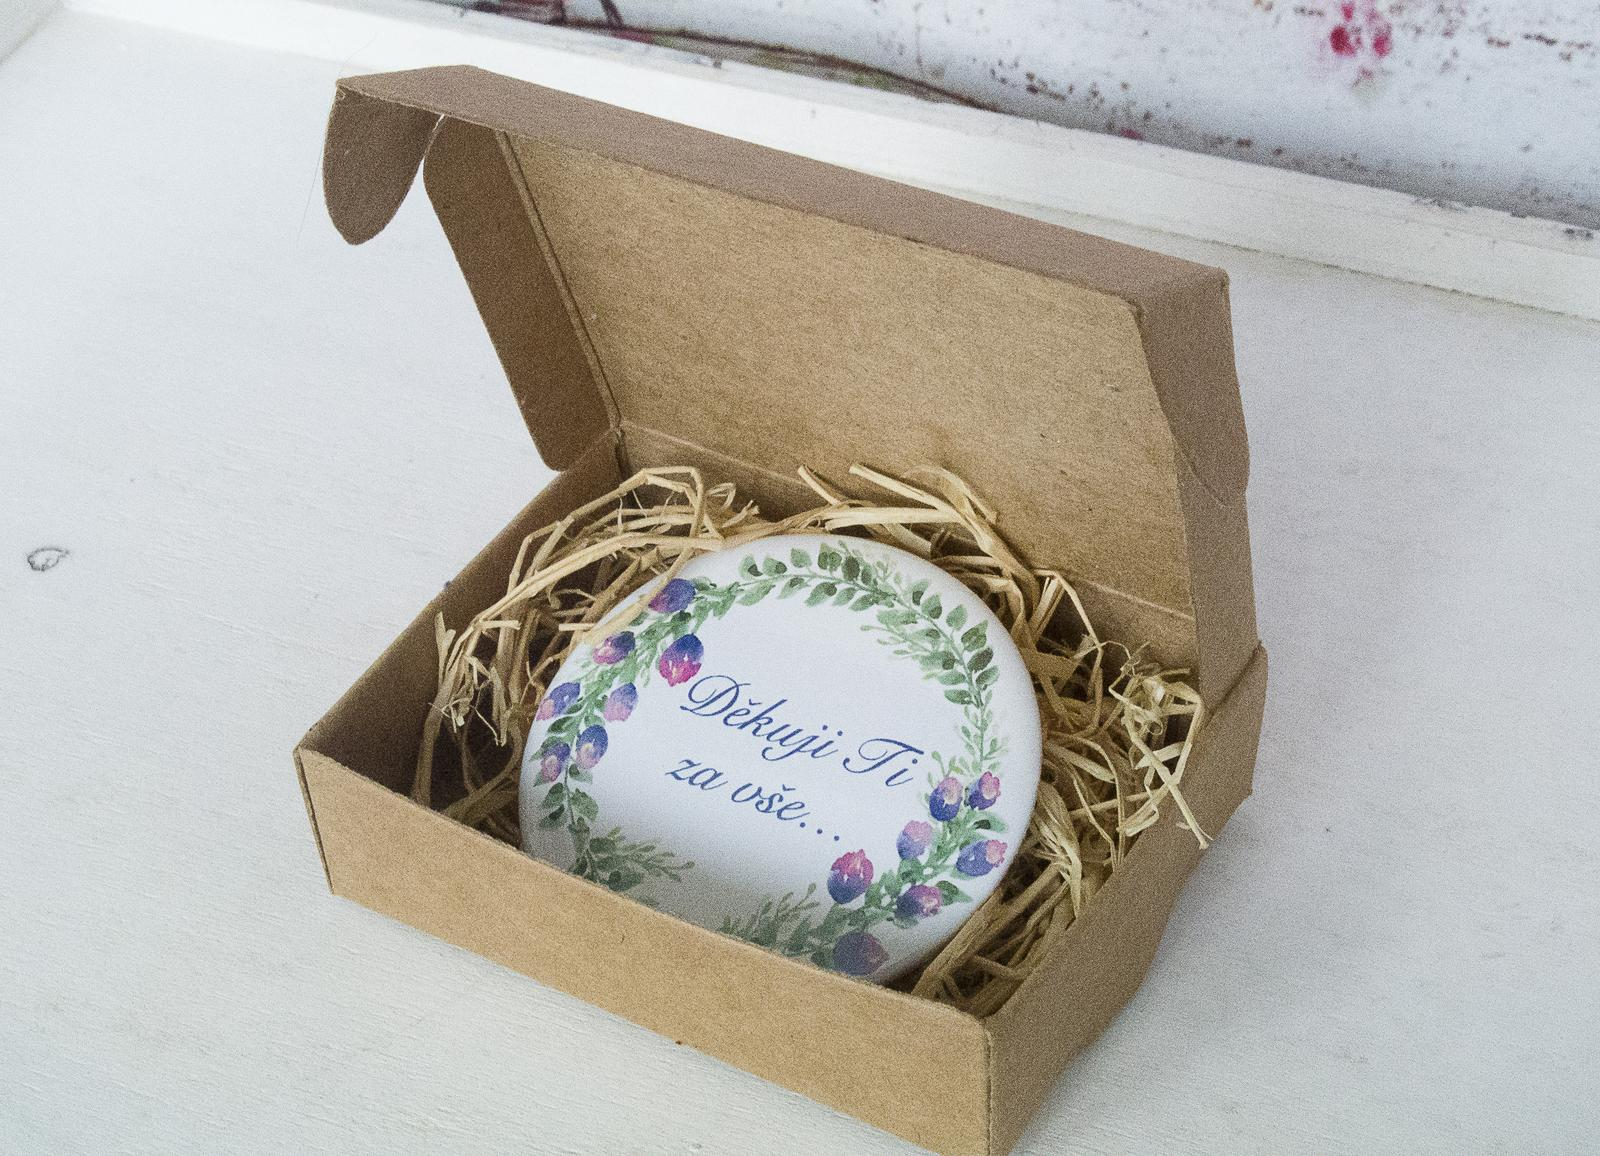 Zrcátka s krabičkou - Obrázek č. 1